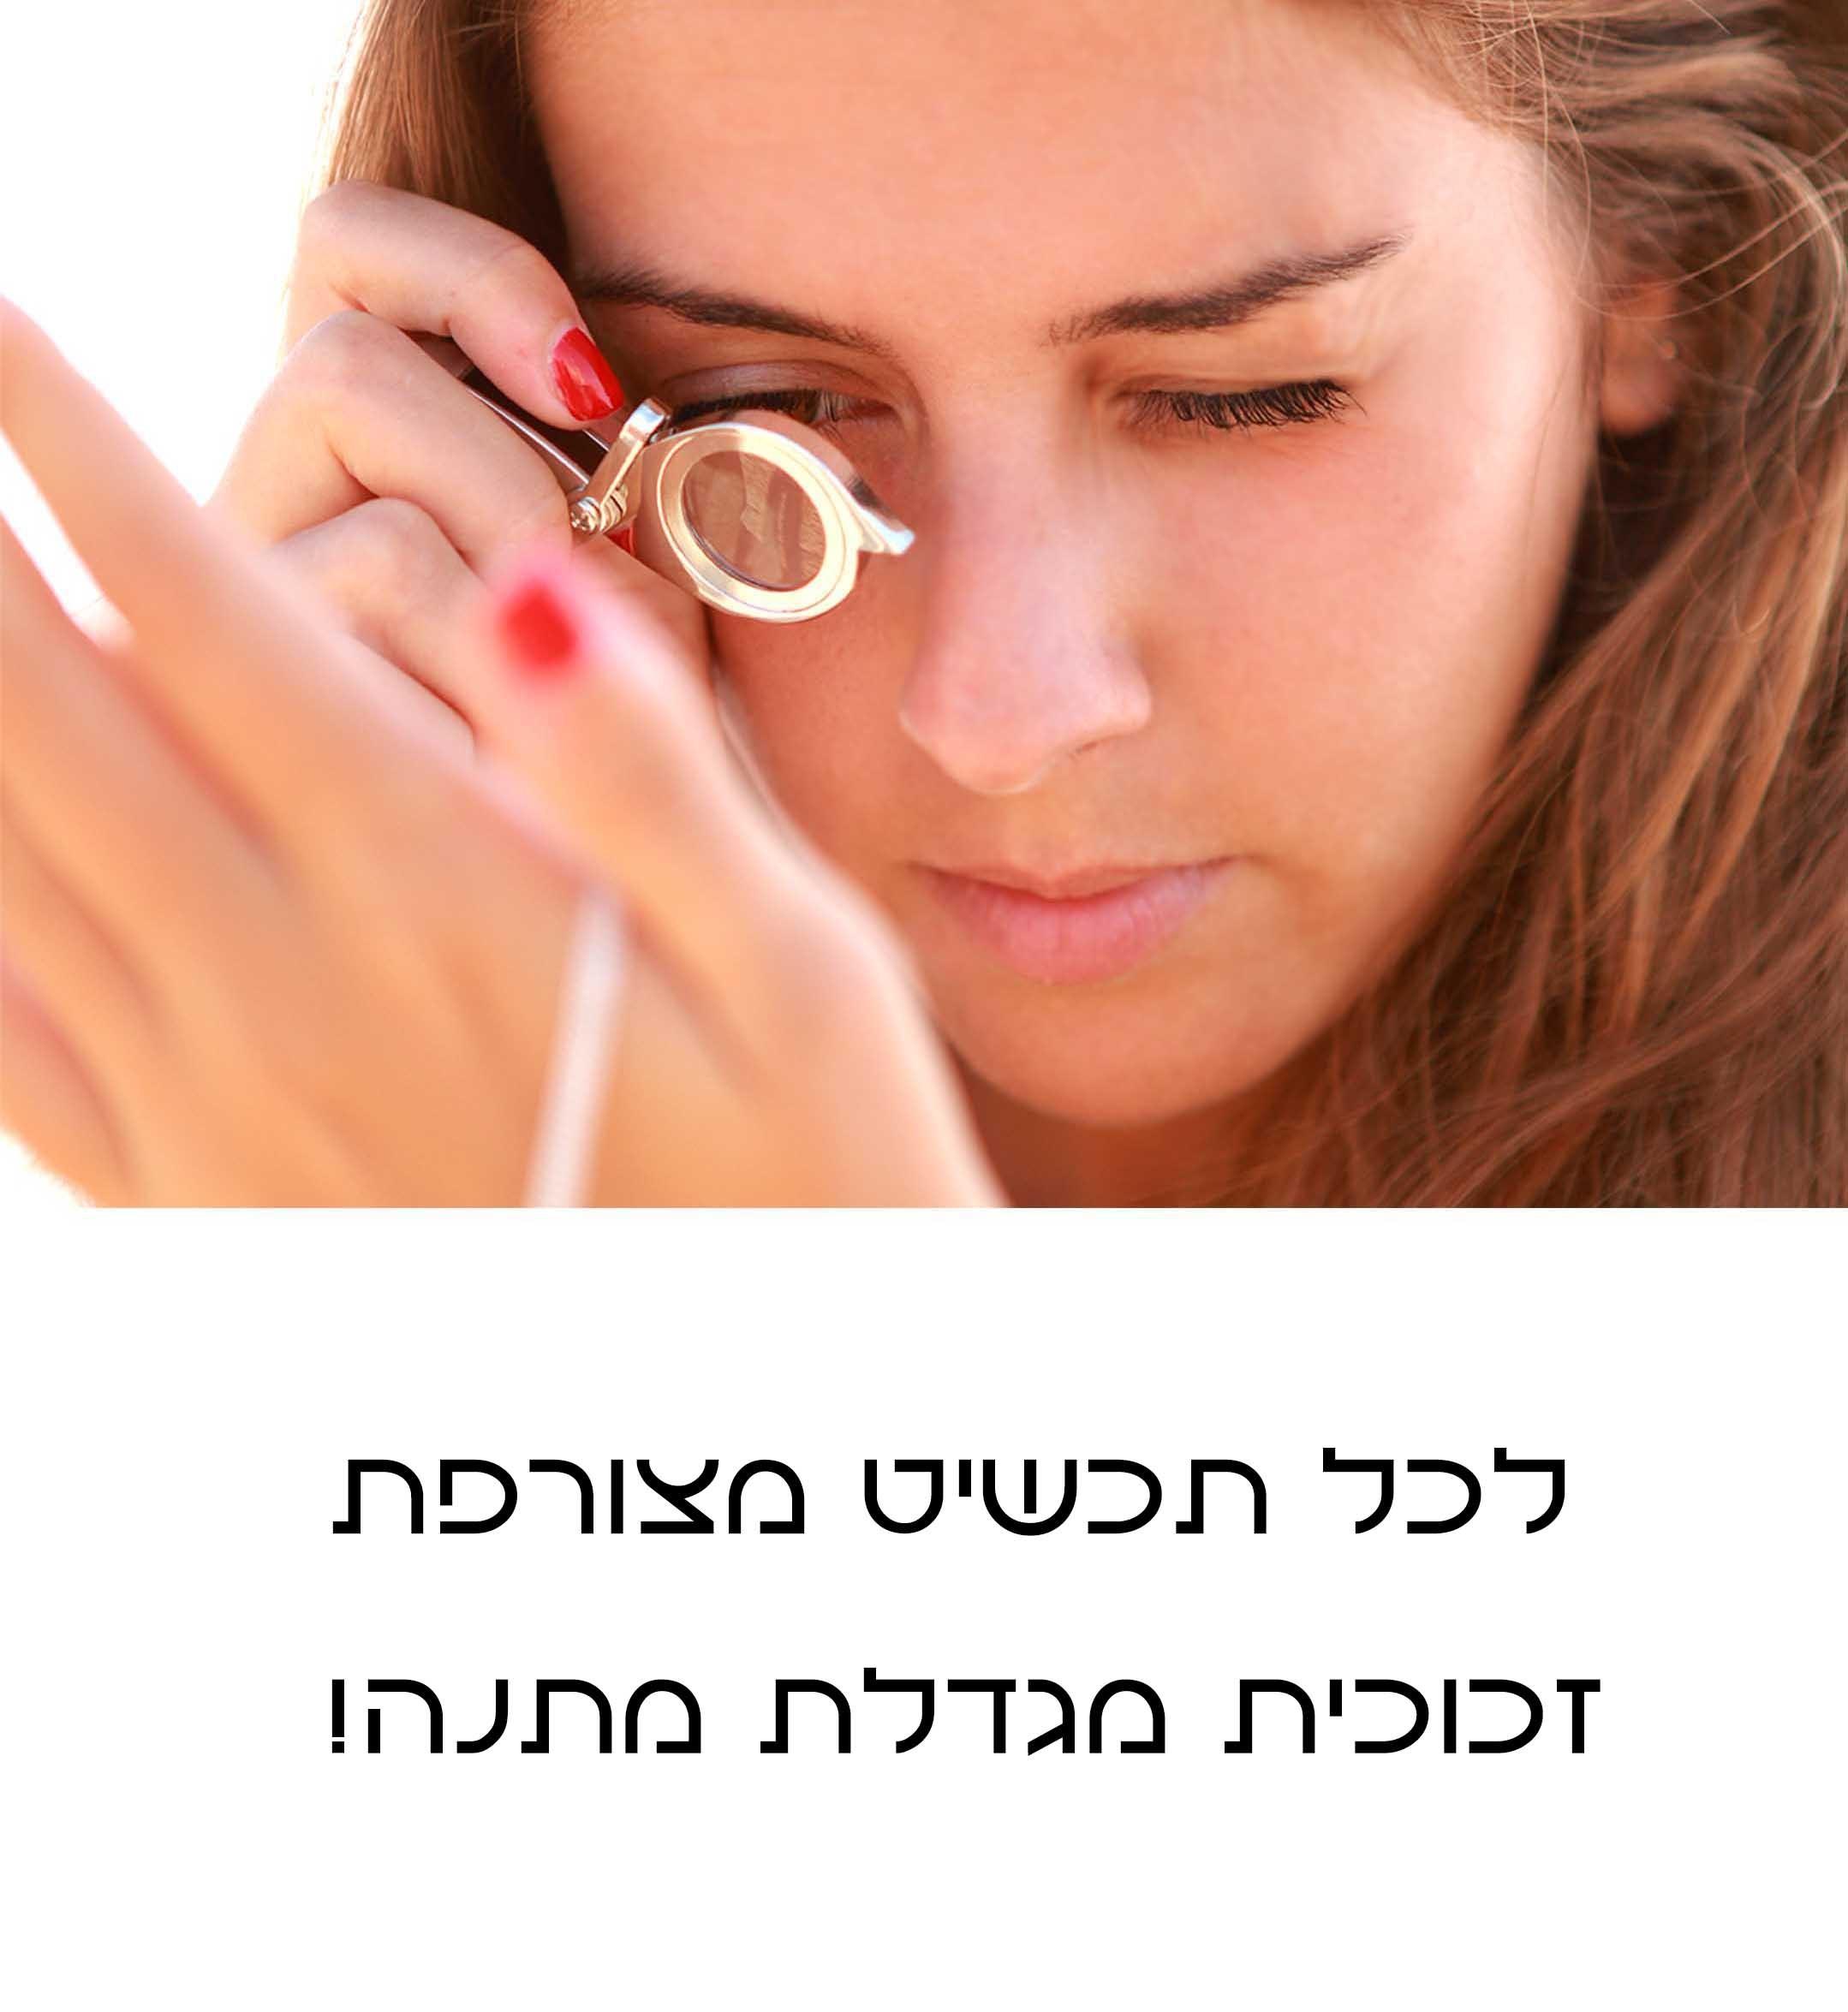 תליון שמע ישראל לגבר - תכשיטים לגבר מזהב - תכשיטי ננותליון שמע ישראל לגבר - תכשיטים לגבר מזהב - תכשיטי ננו